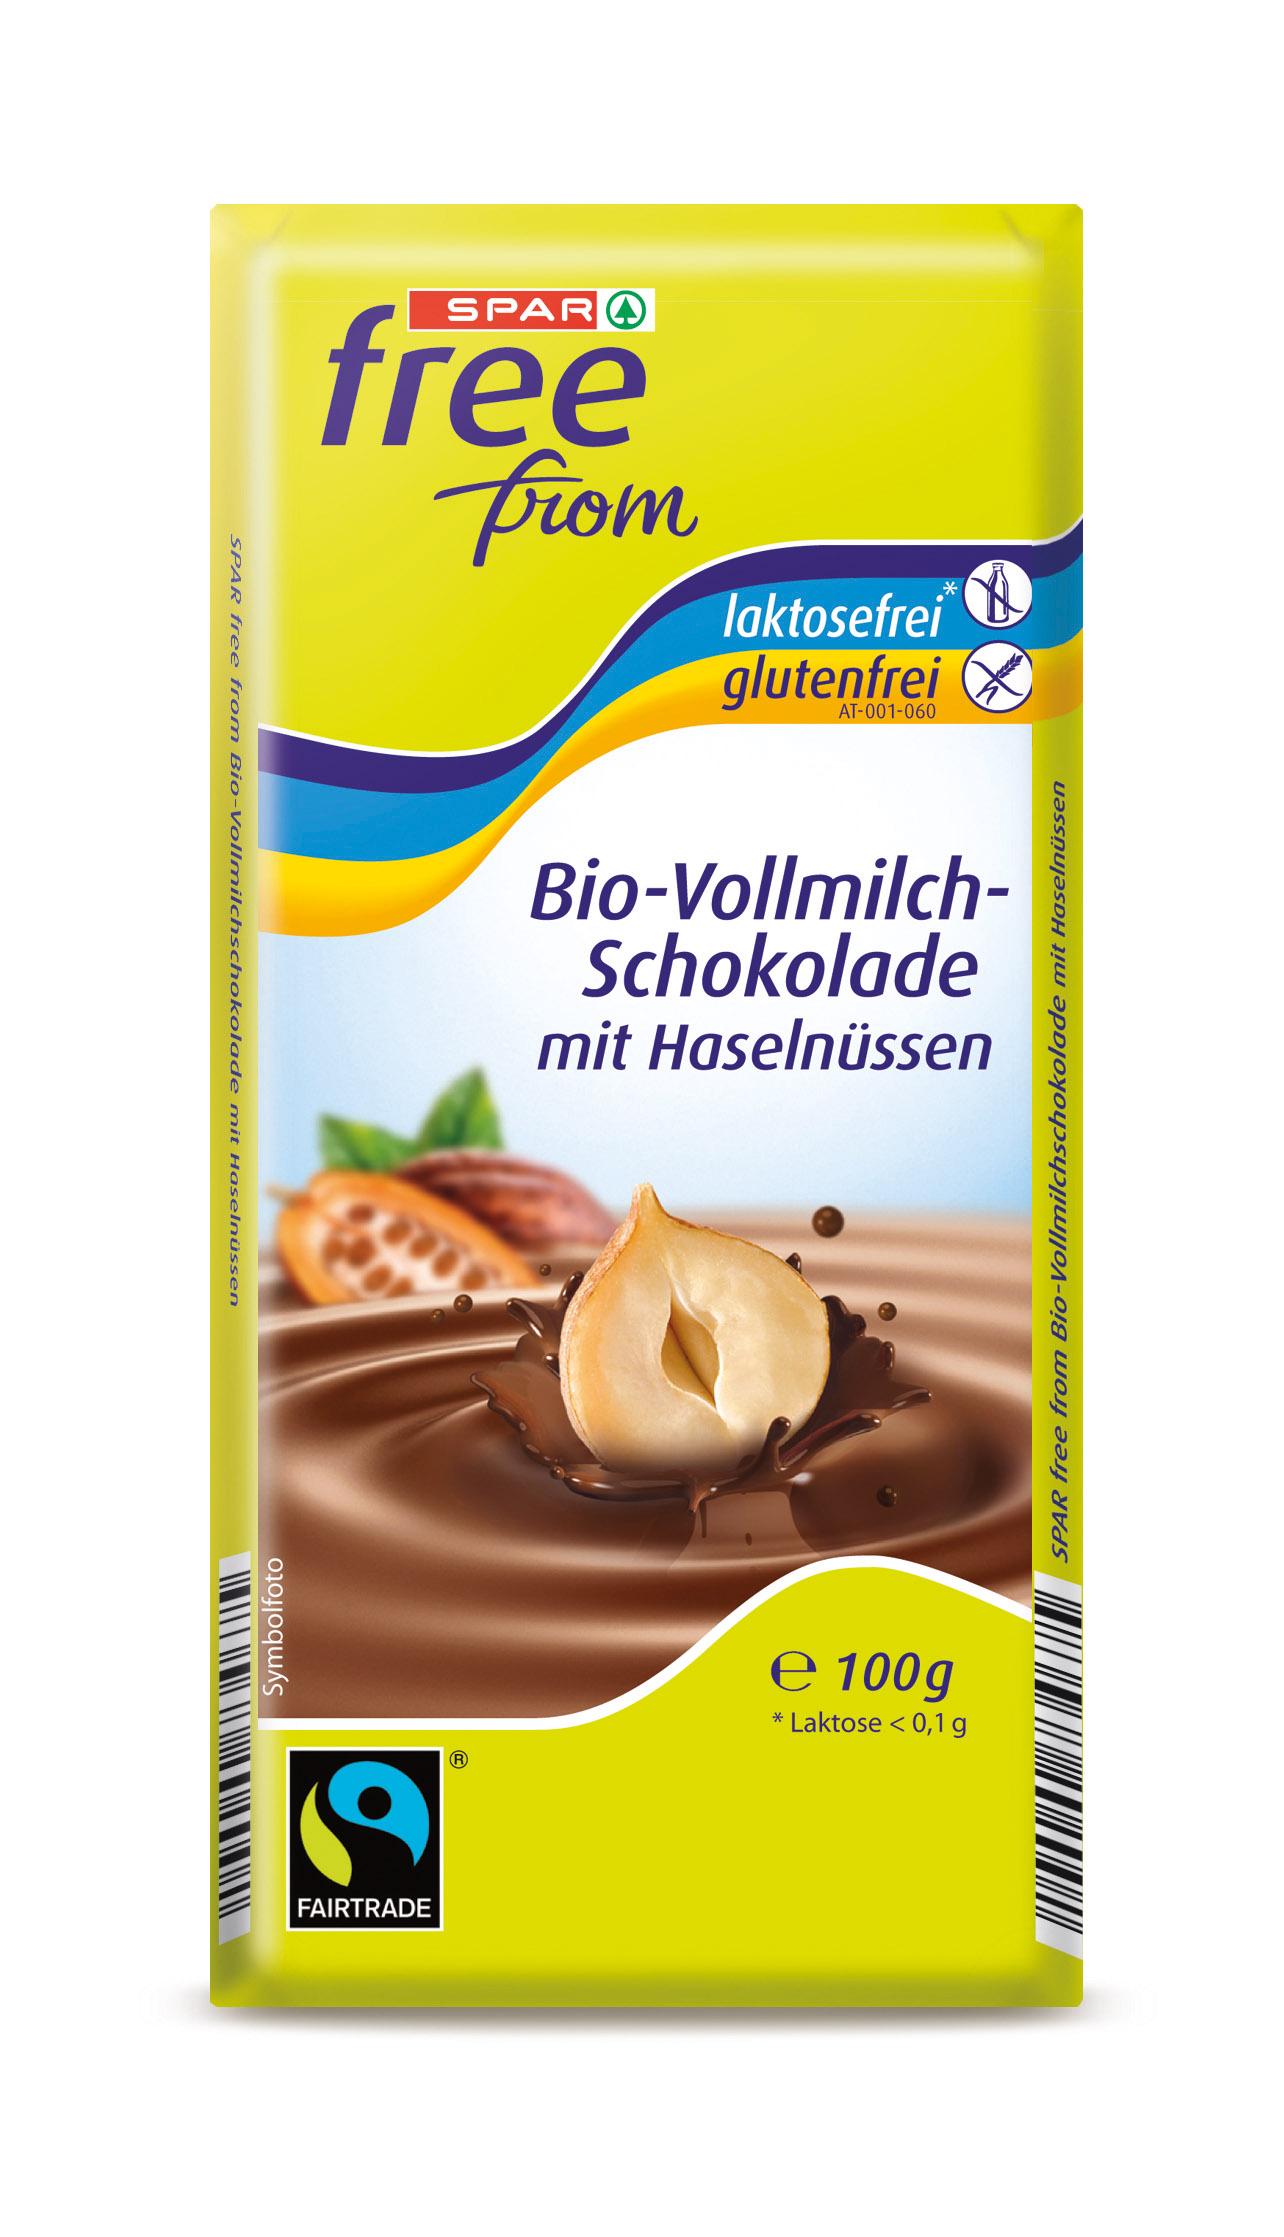 Vollmilch-Schokolade mit Haselnüssen